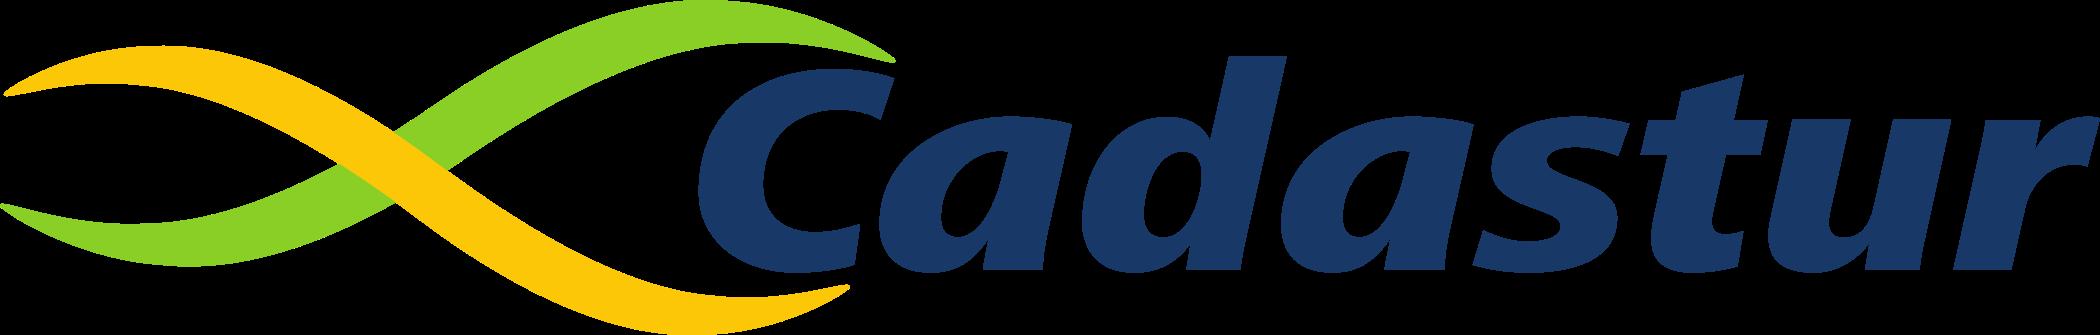 cadastur logo 1 - Cadastur Logo